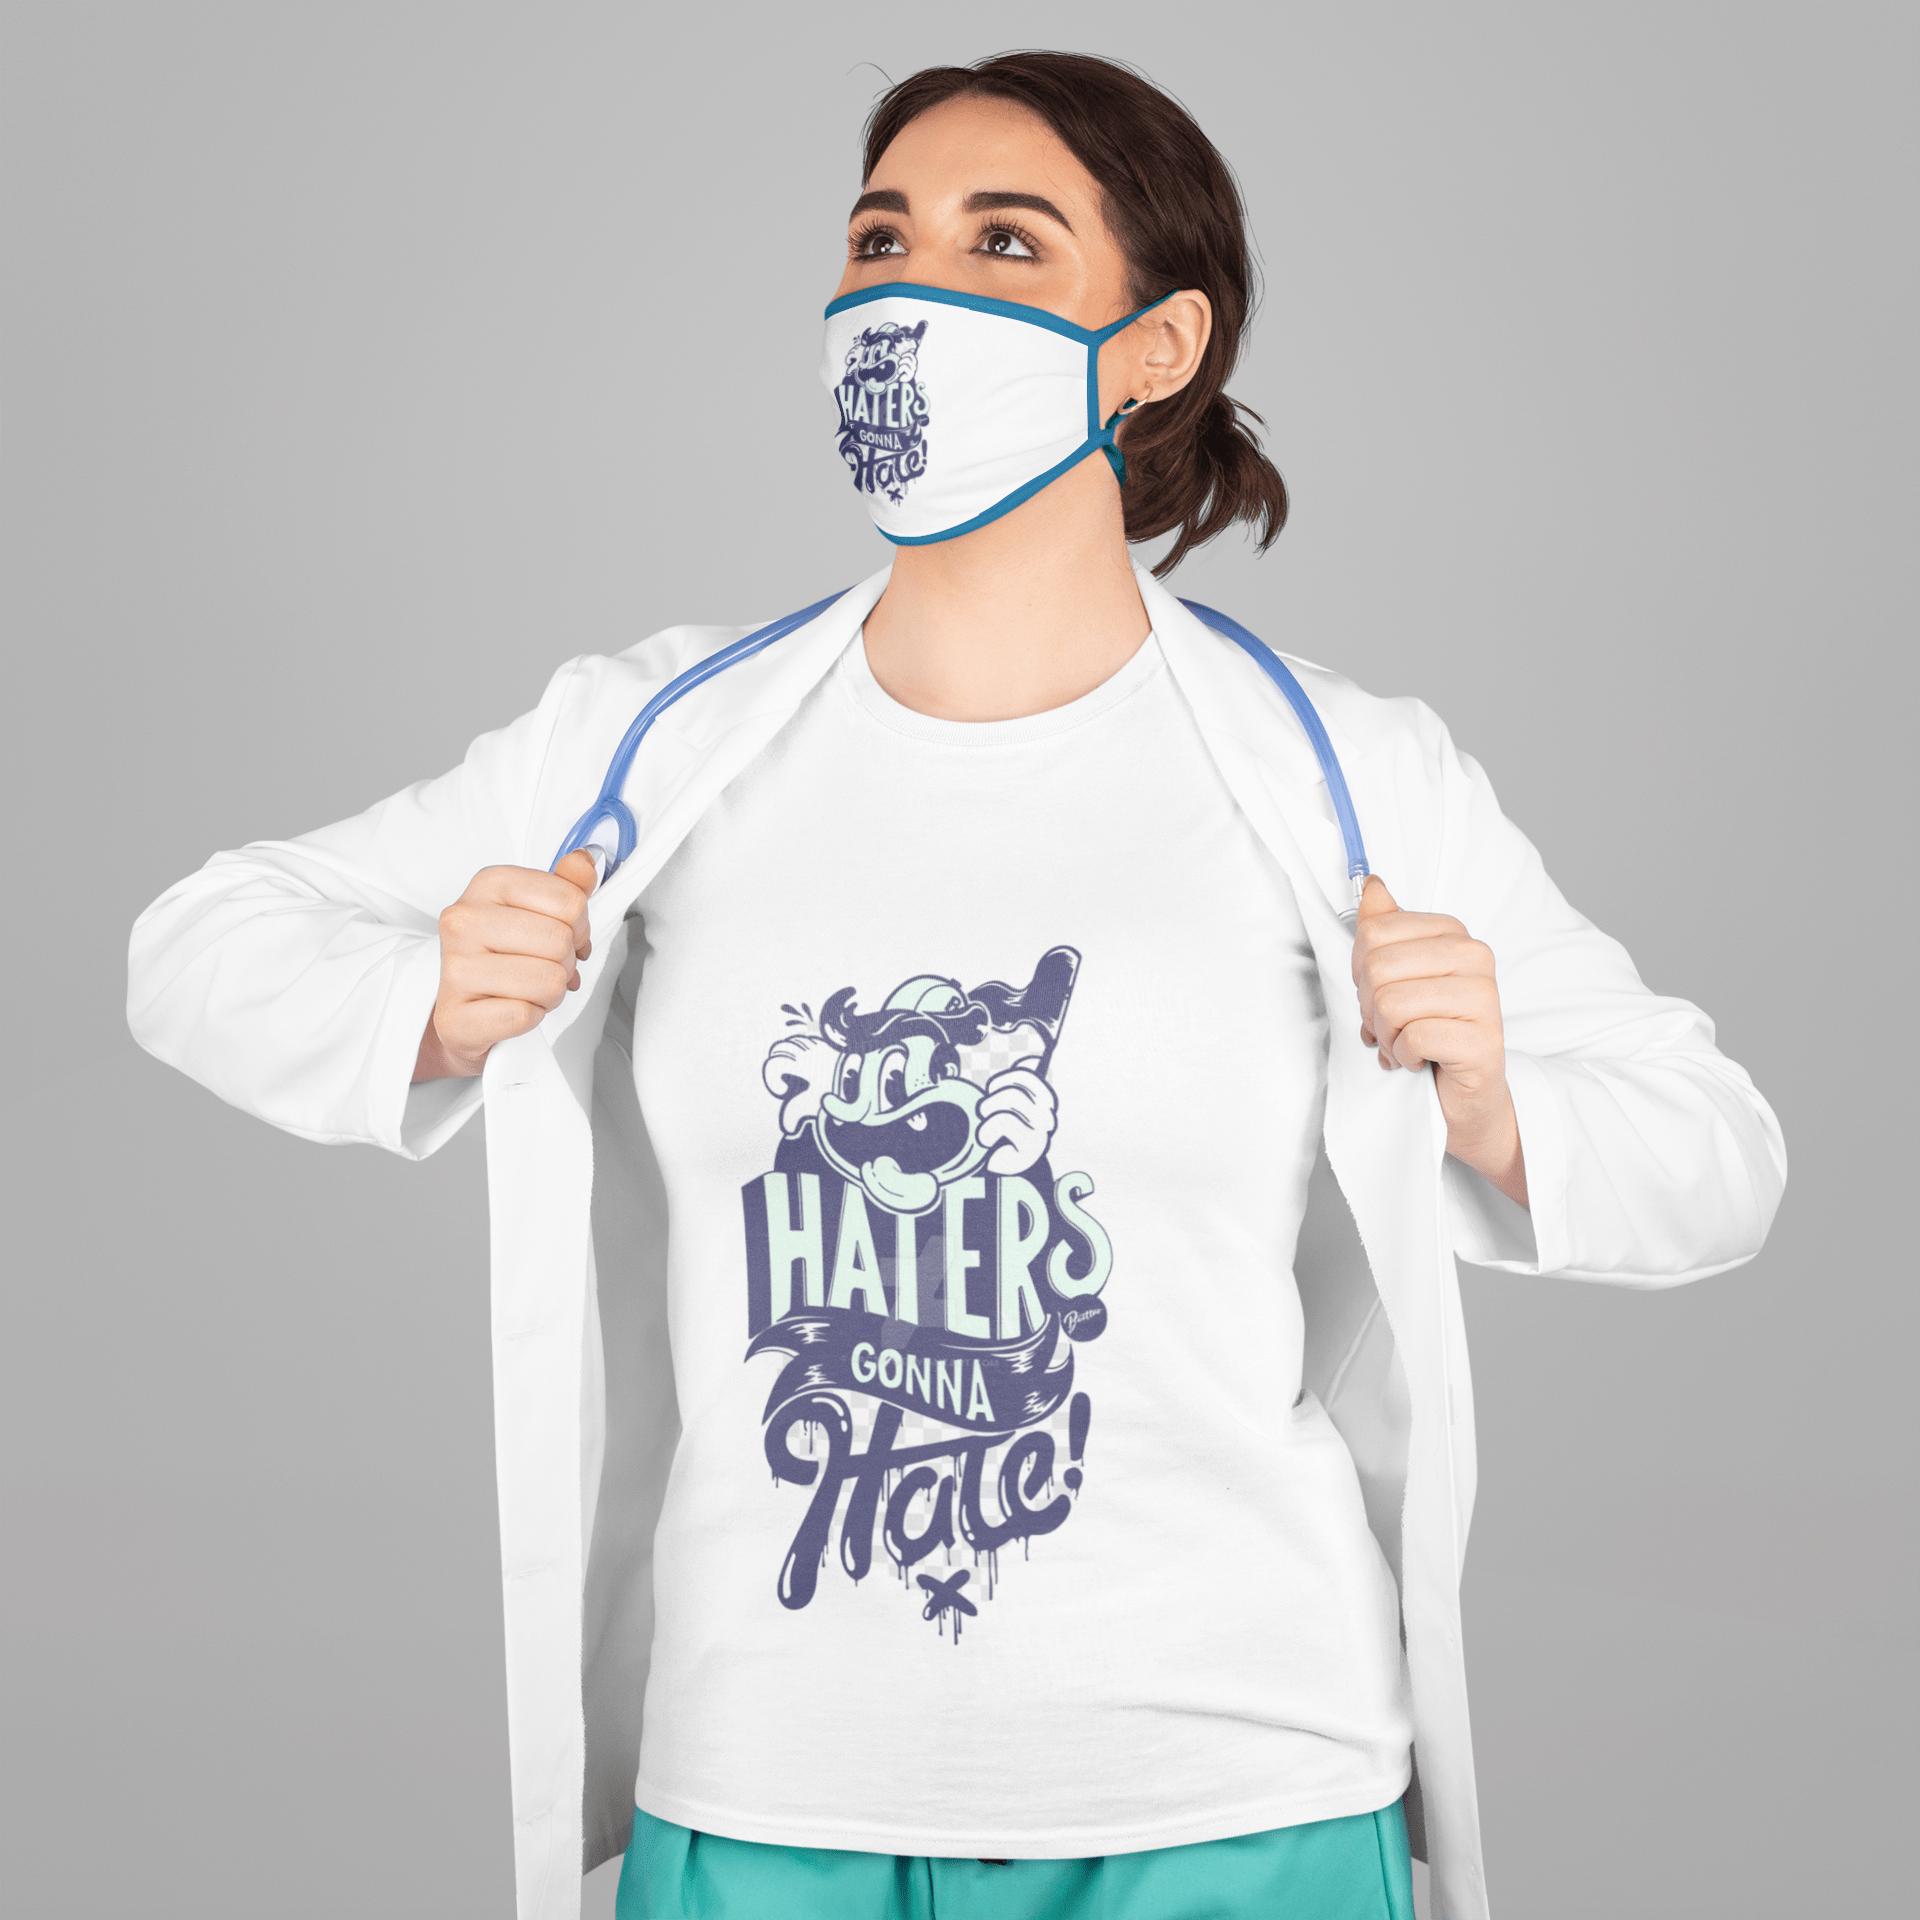 t-shirt and face mask mockup